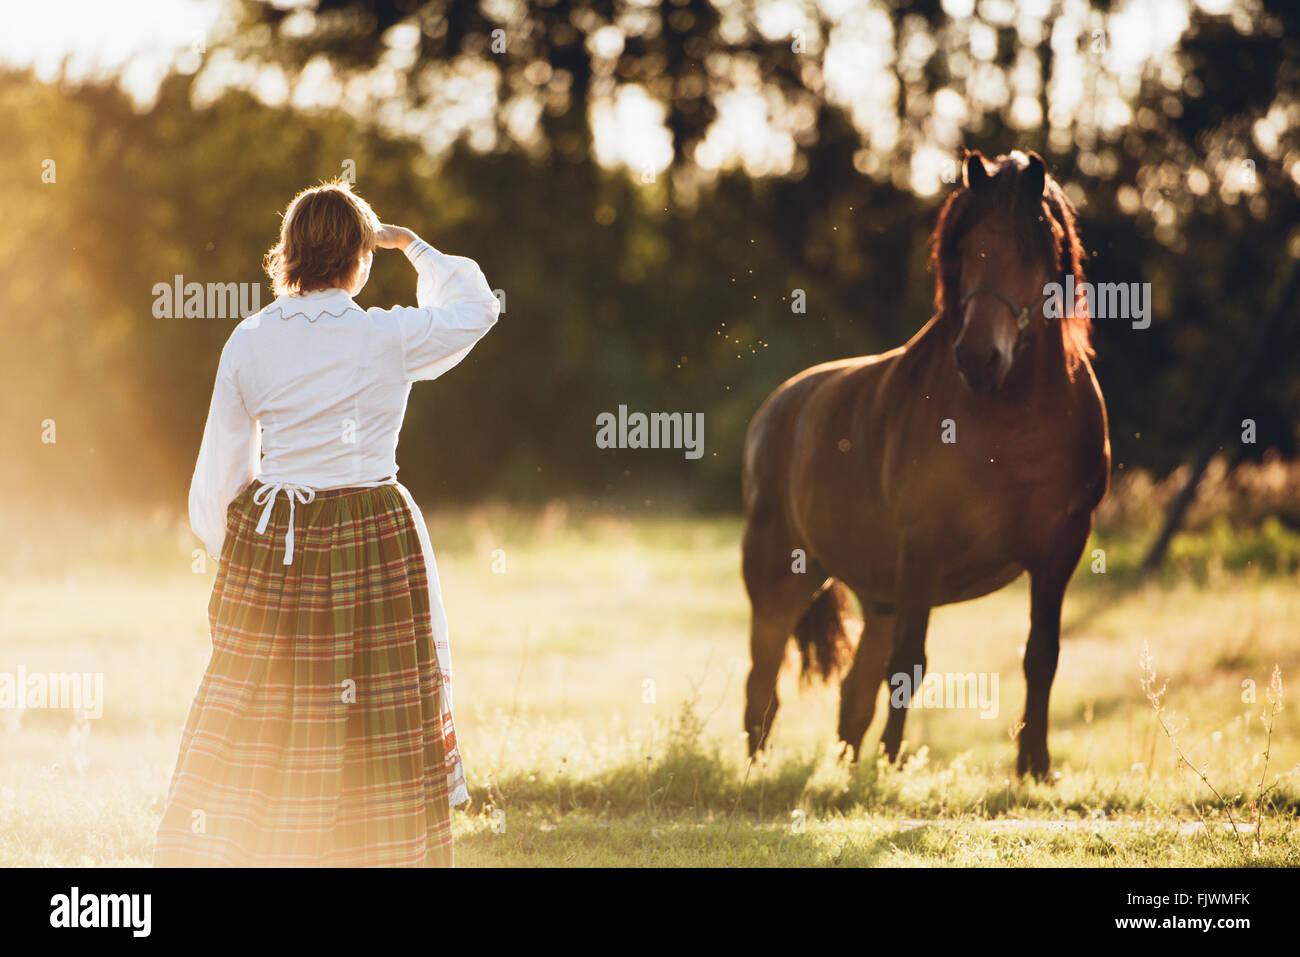 Rückansicht der Frau und Pferd auf Feld stehen Stockbild